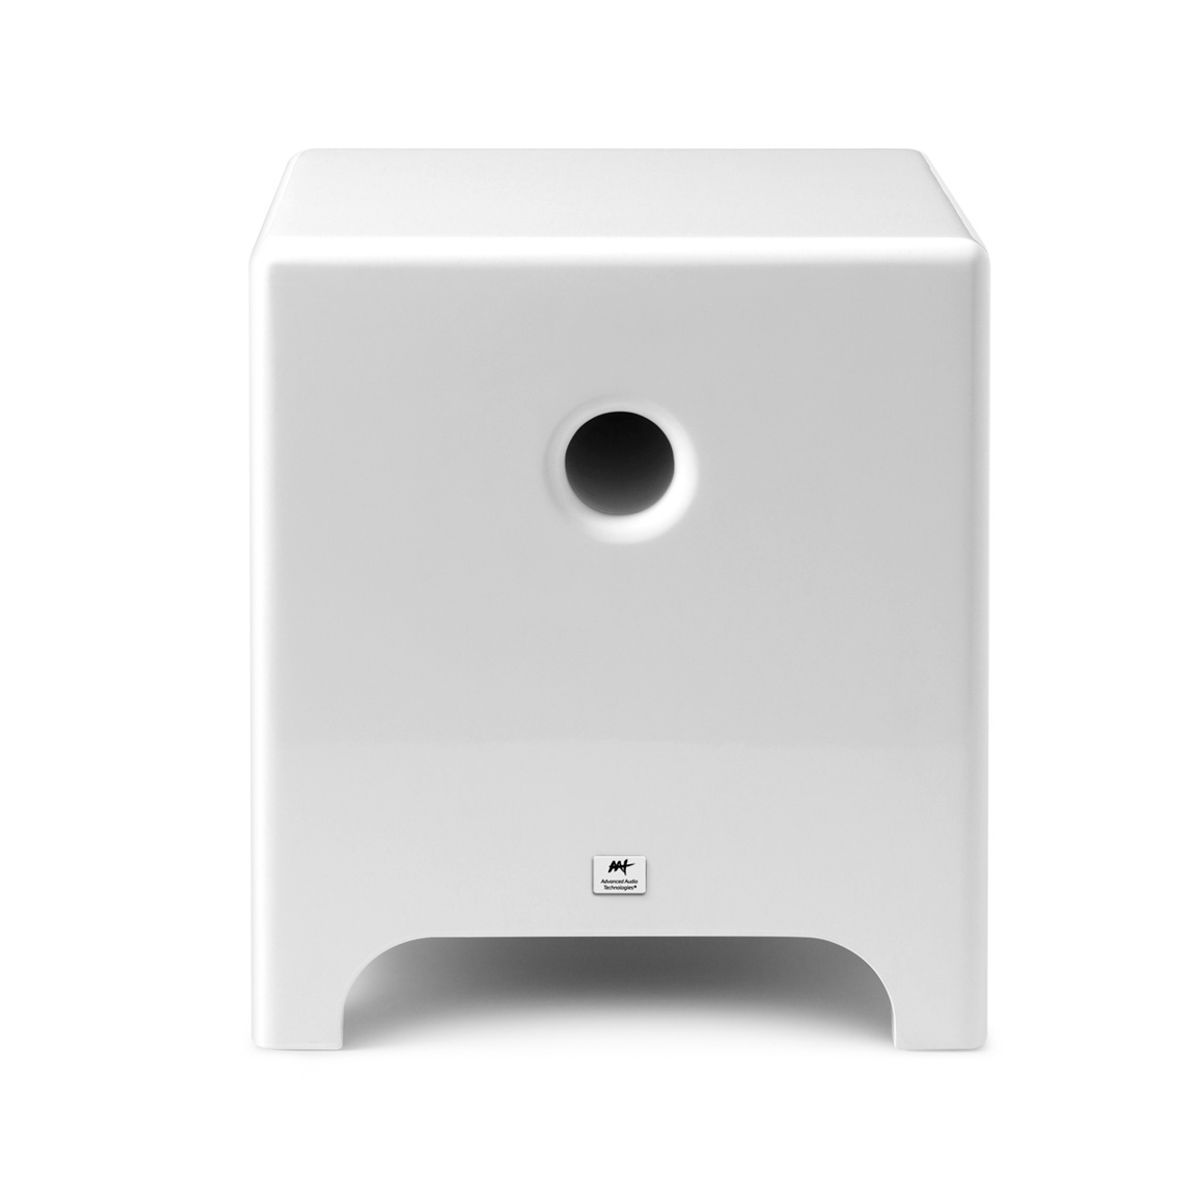 """Kit 5.1 Caixa de Embutir no Gesso LCR-A100 + LR-E100 + Subwoofer Cube Modern 8"""" AAT"""